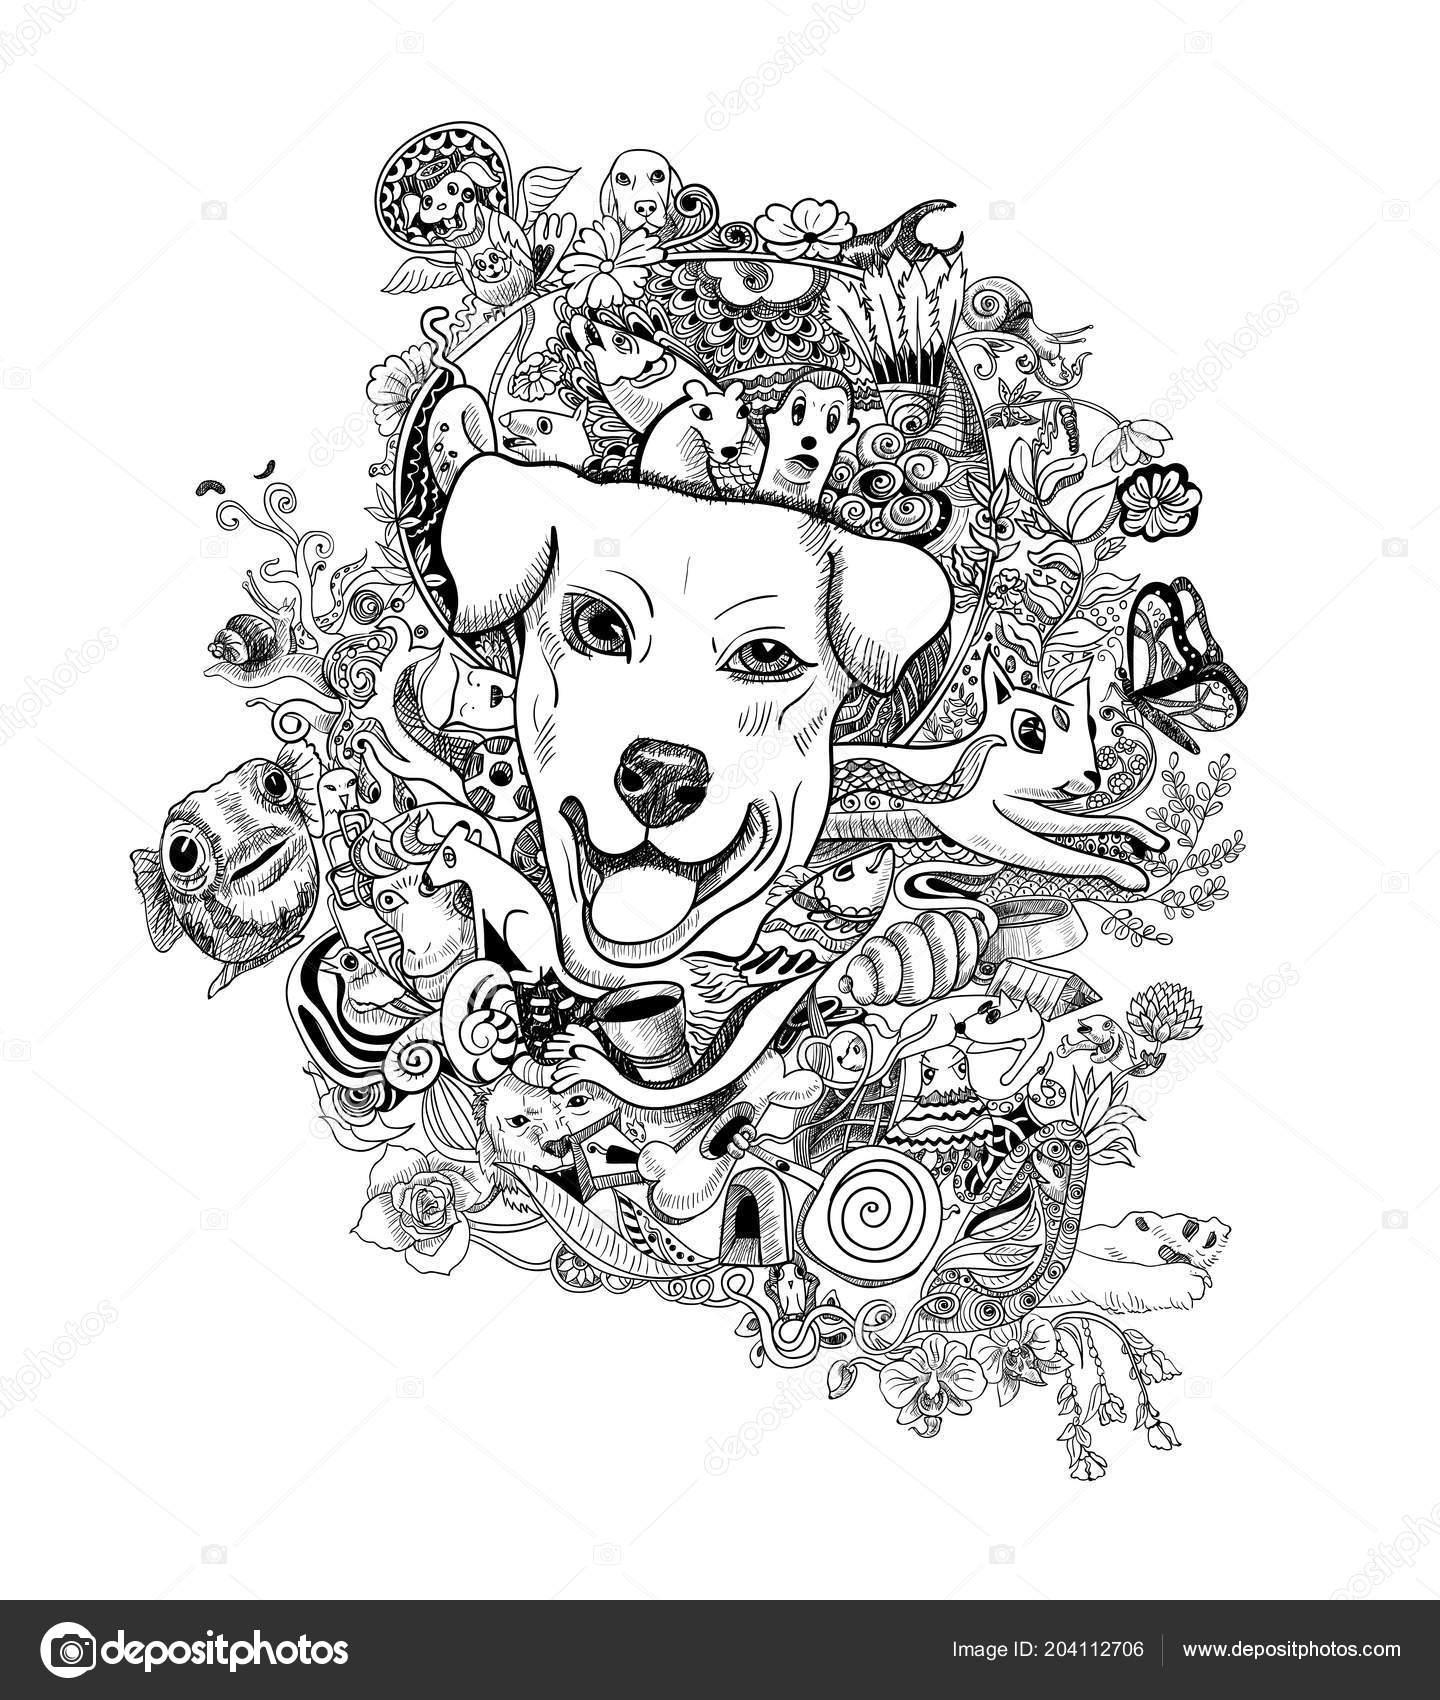 Zeichnen Doodle Hundekopf Mit Tieren Blumen Und Abstrakte Form